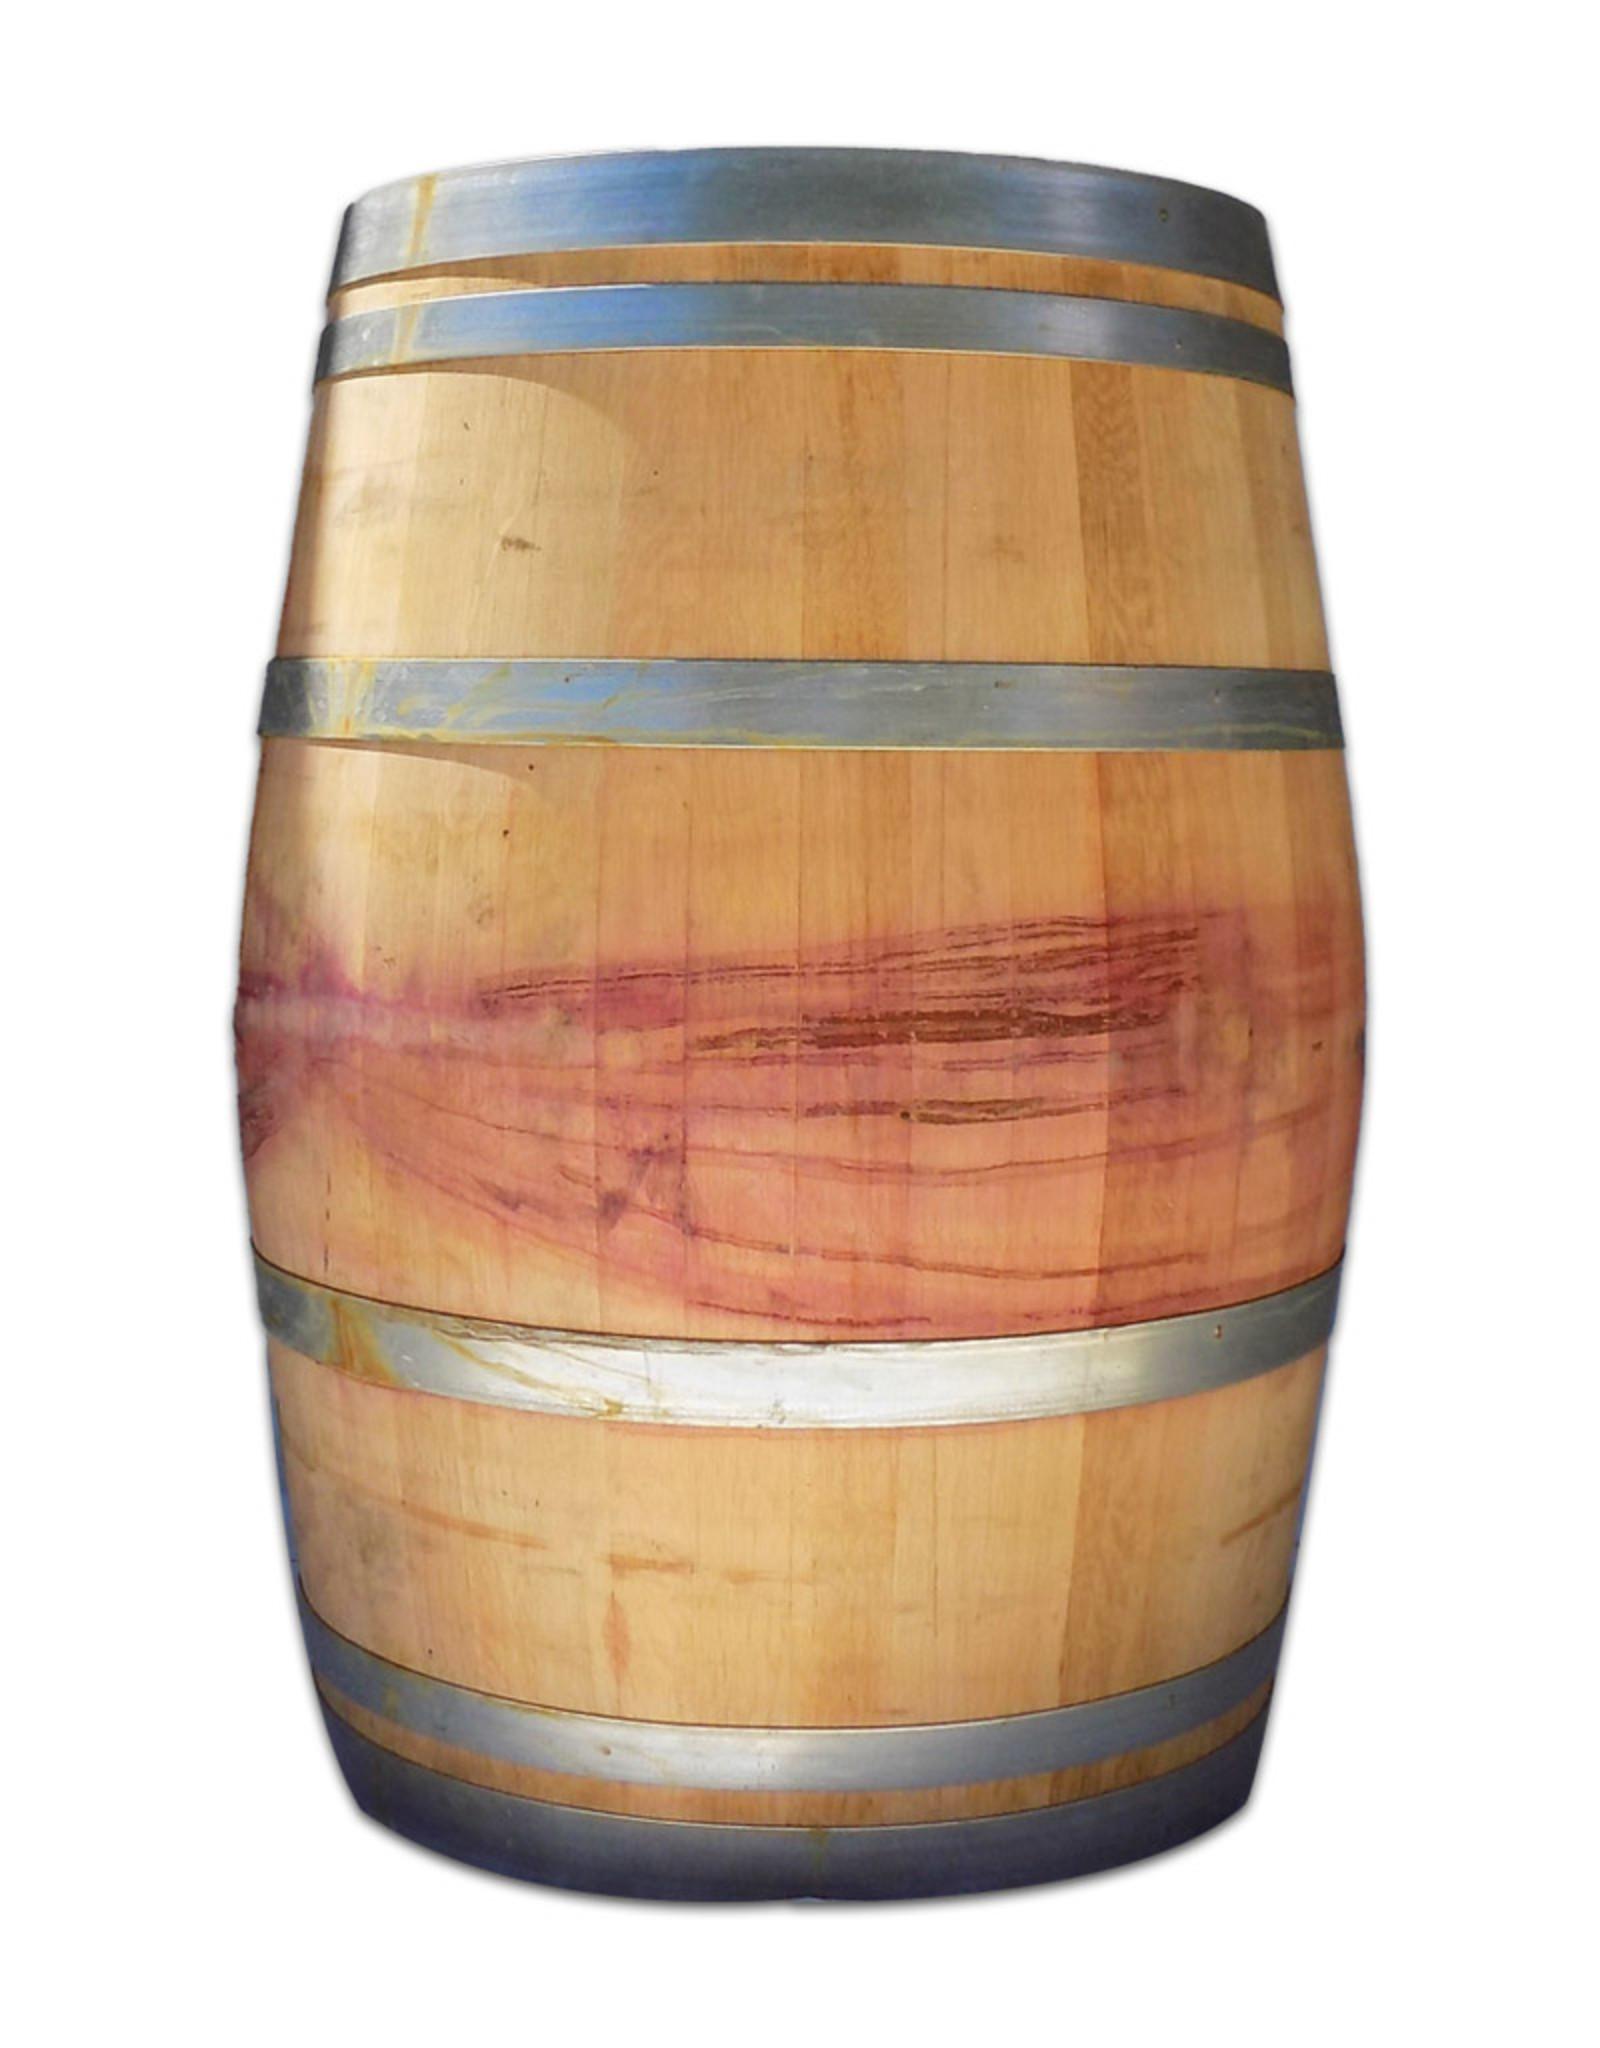 225 L RED WINE BARREL TEMPRANILLO